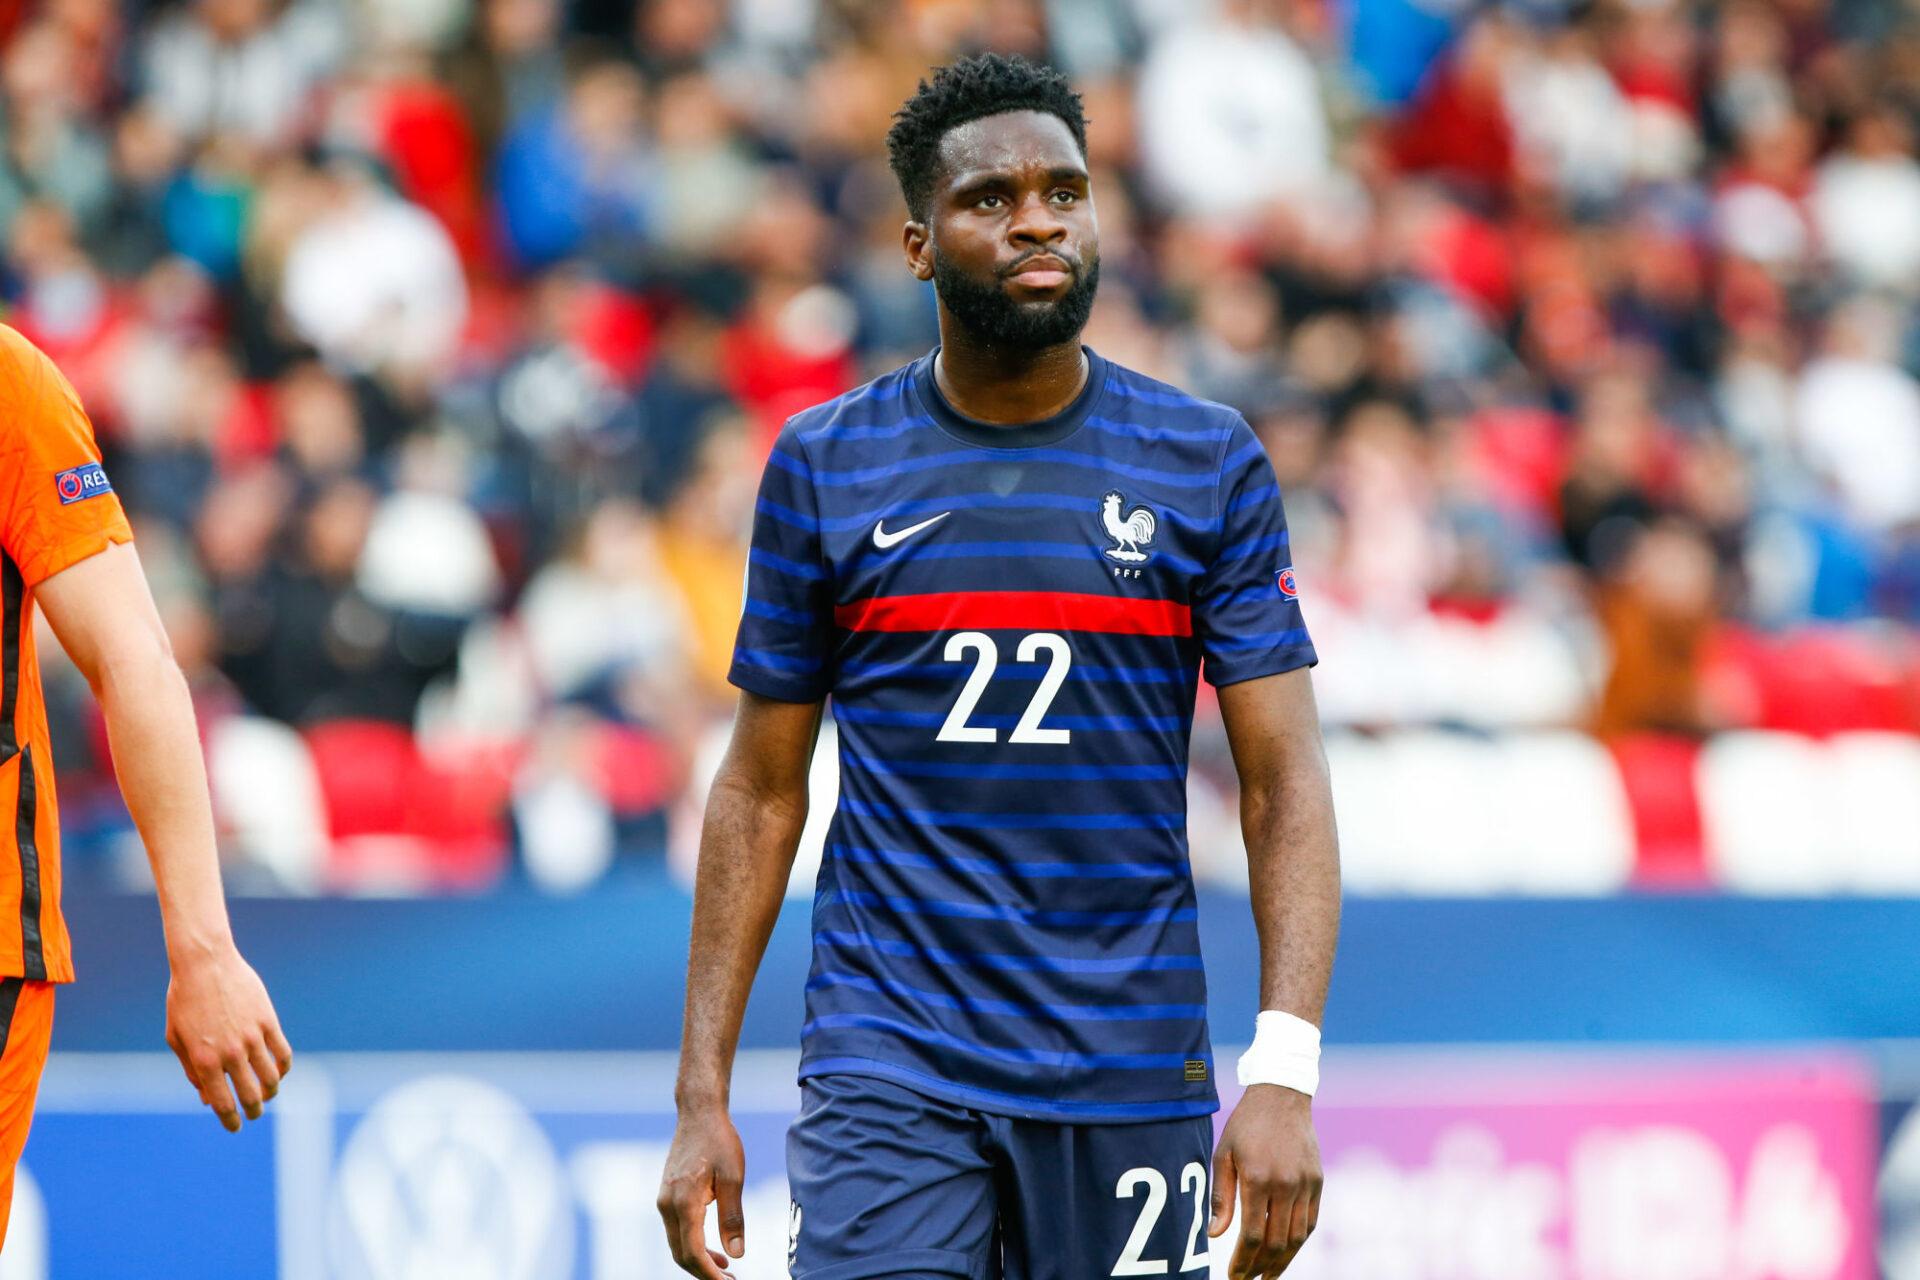 Odsonne Edouard a participé à l'Euro U21 avec la France cet été, mais n'a pu aider les Bleuets à se sortir du piège tendu par les Pays-Bas en quarts. Icon Sport